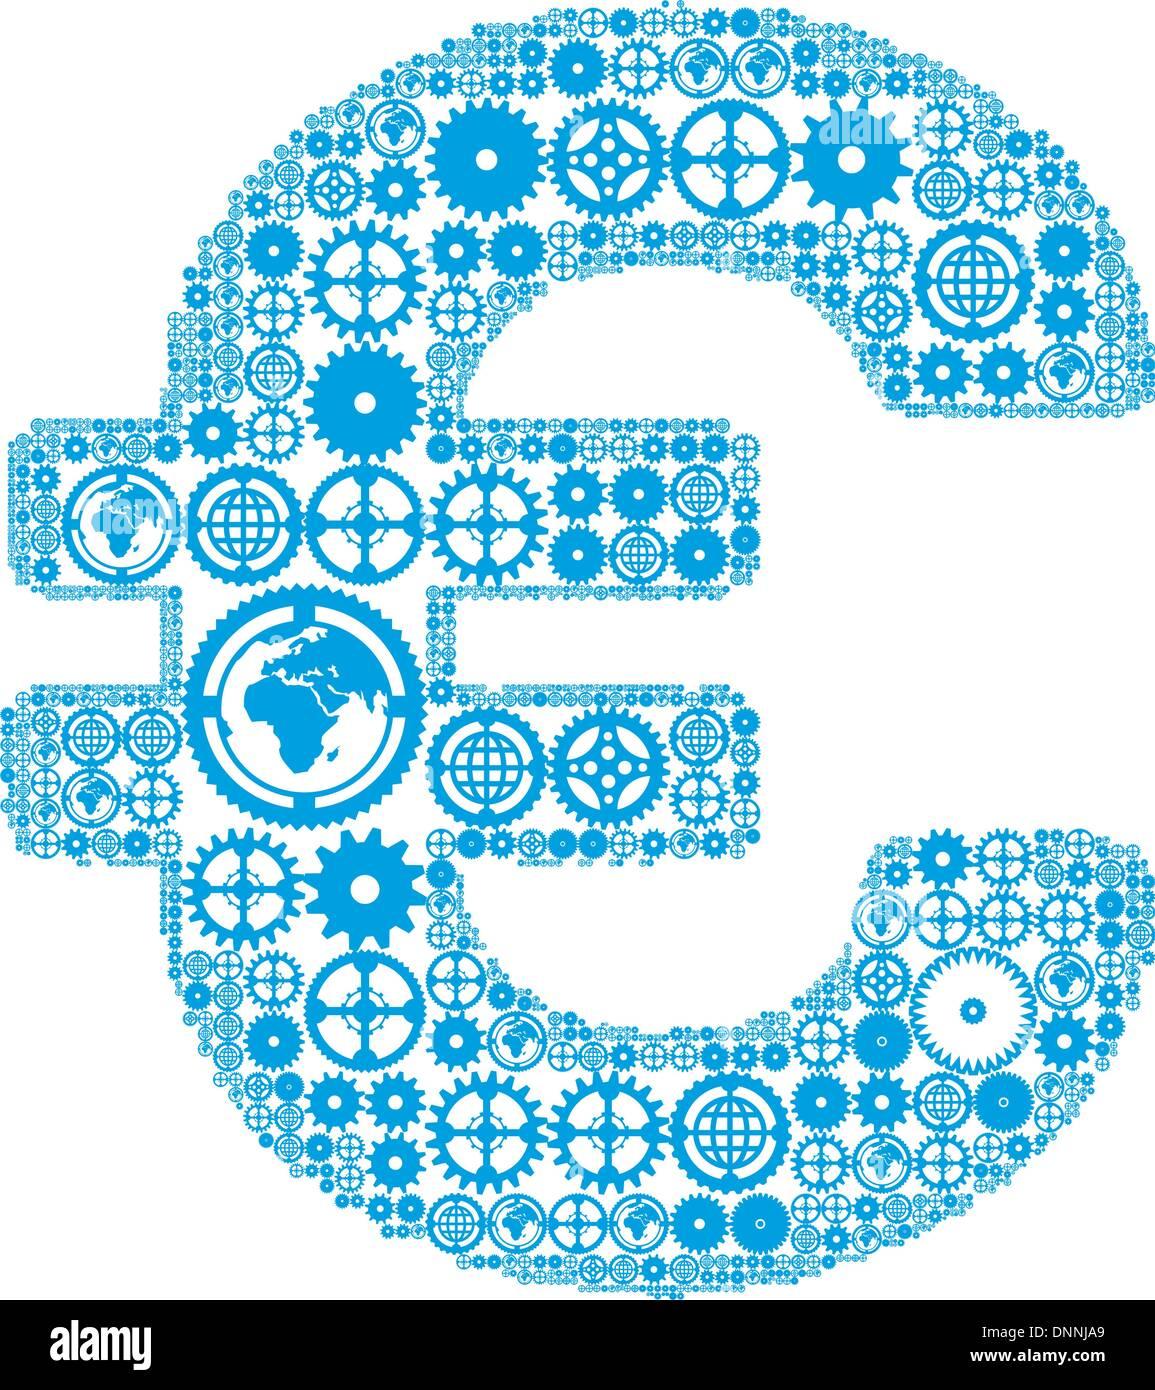 Euro-Zeichen auf einem weißen Hintergrund, gemacht von Zahnrädern. Vektor-illustration Stockbild